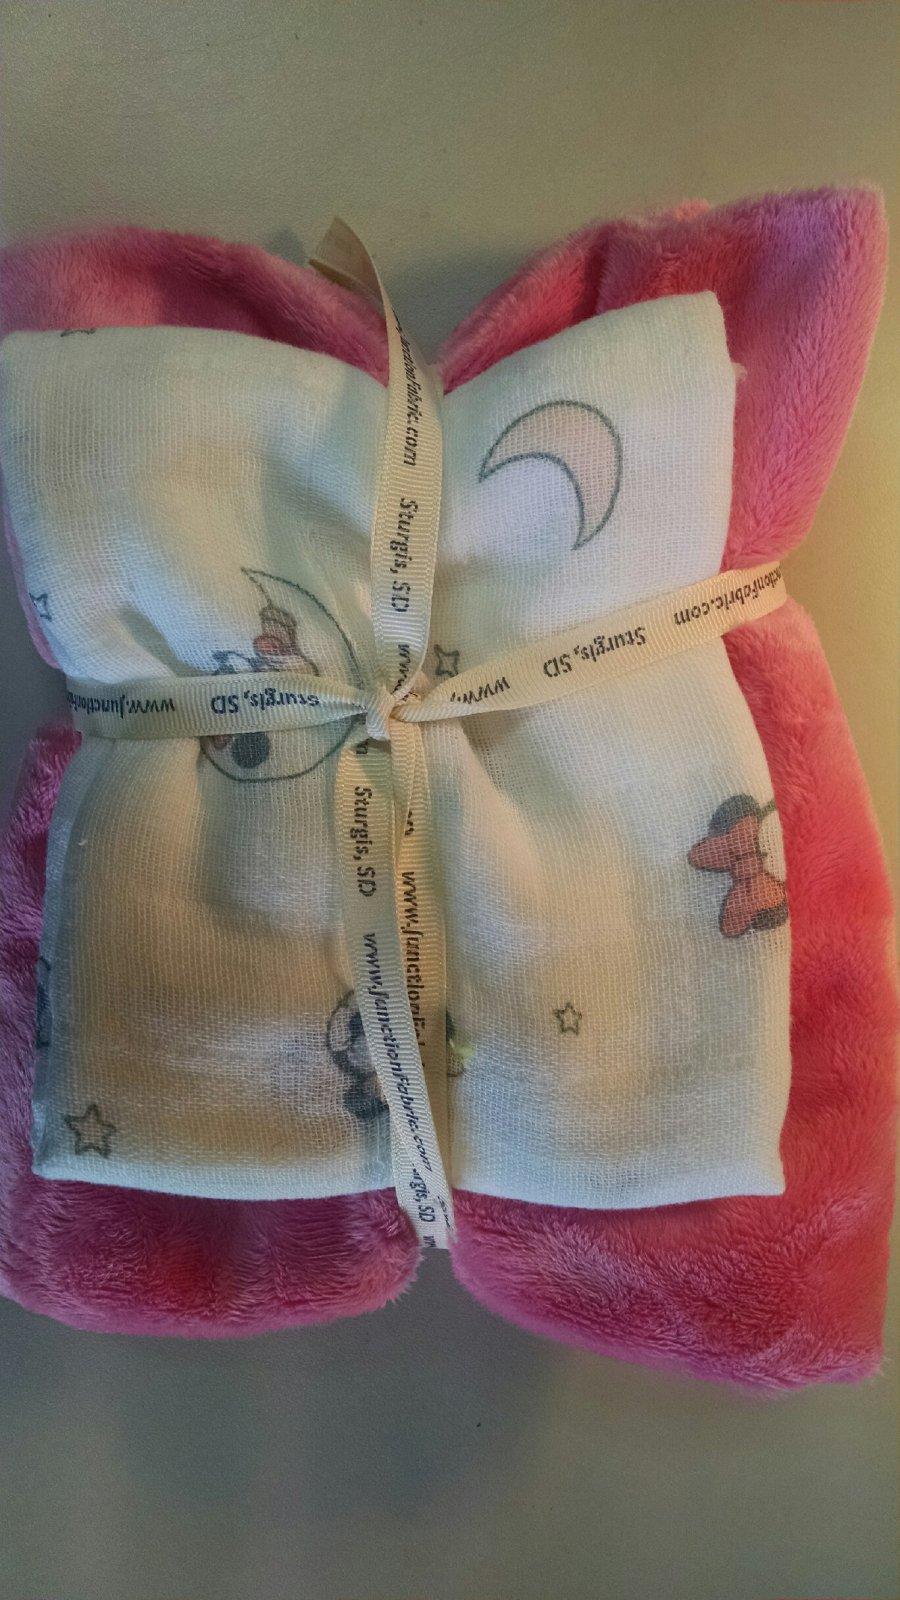 Cuddle Me Quilt Kit